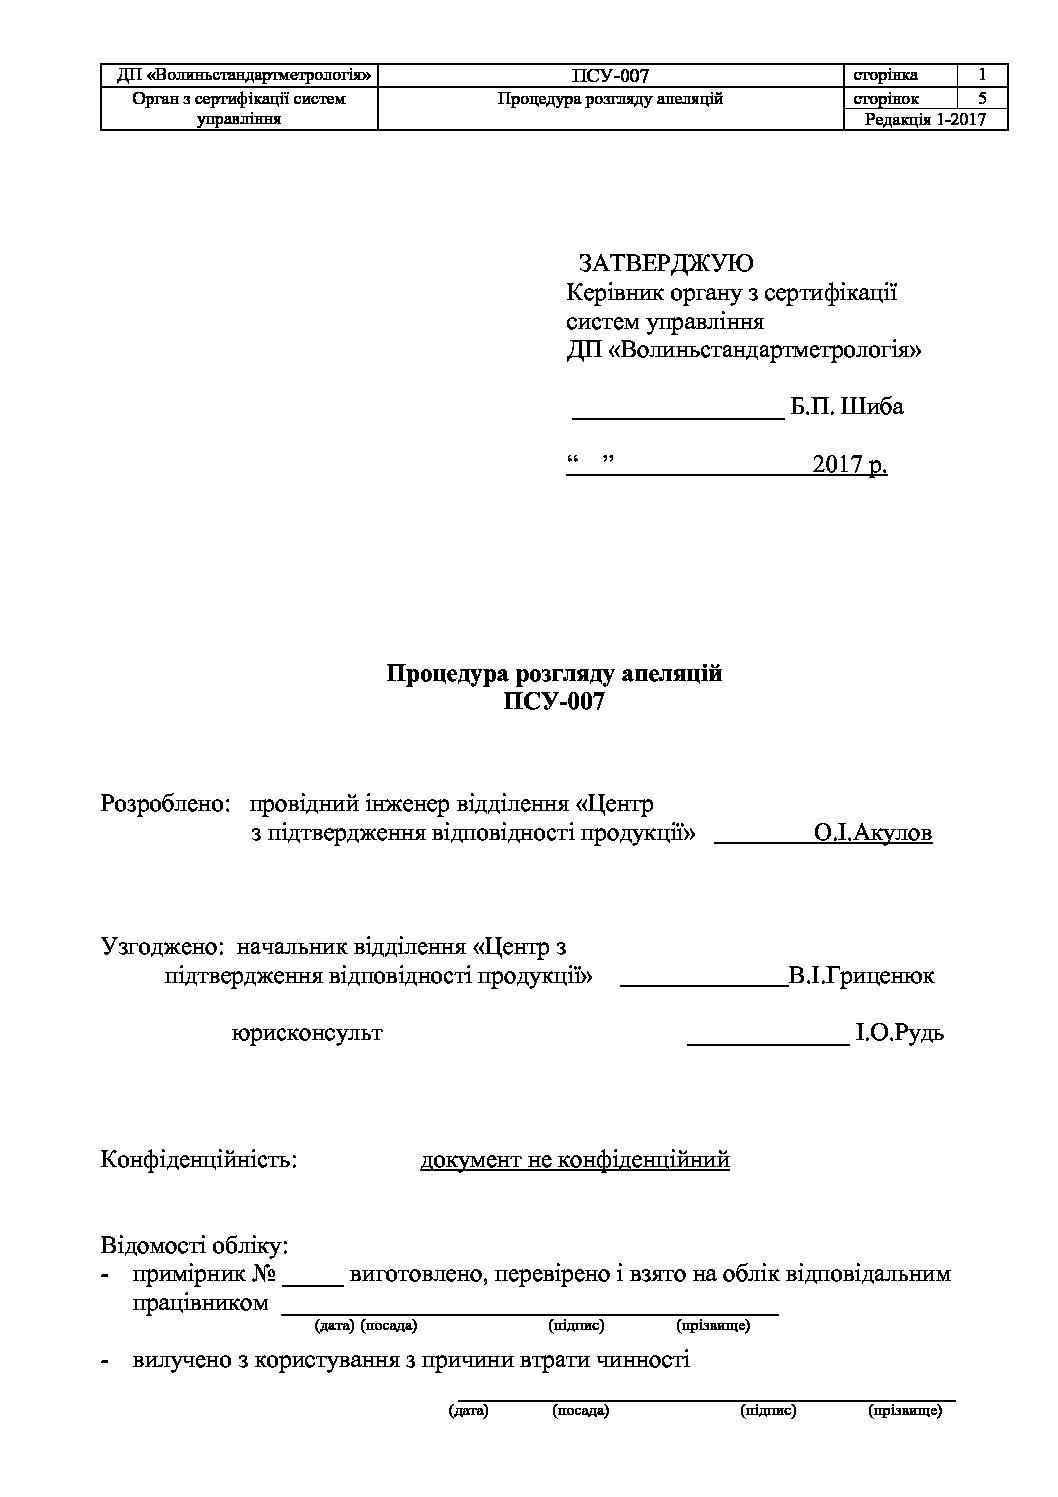 Процедура розгляду апеляцій